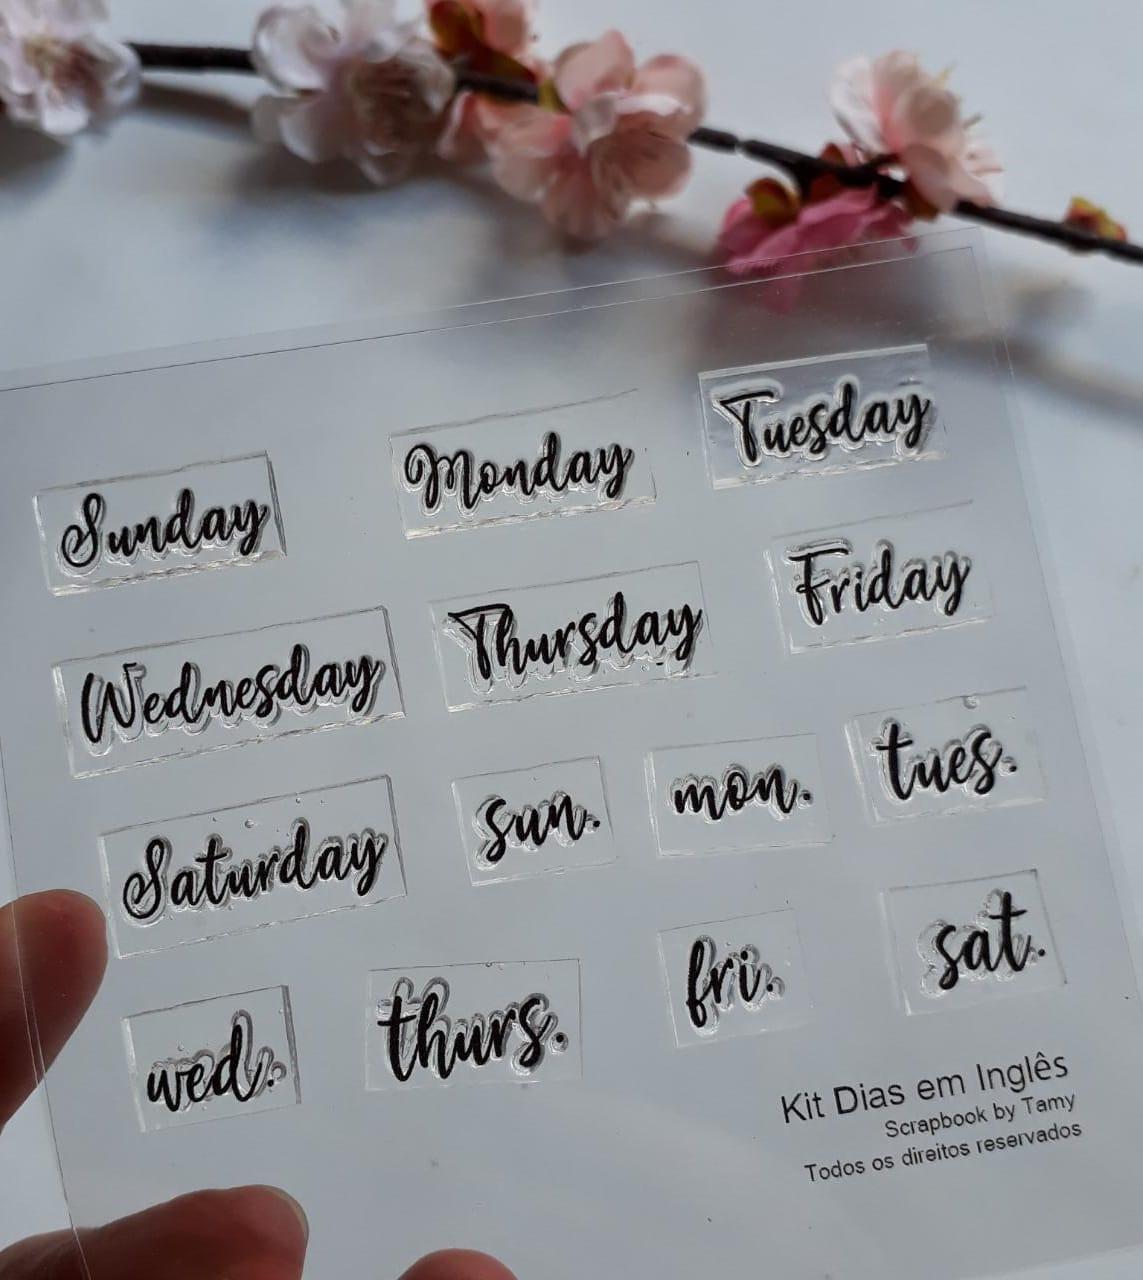 Kit de Carimbos - Dias da Semana em Inglês - Scrapbook by Tamy